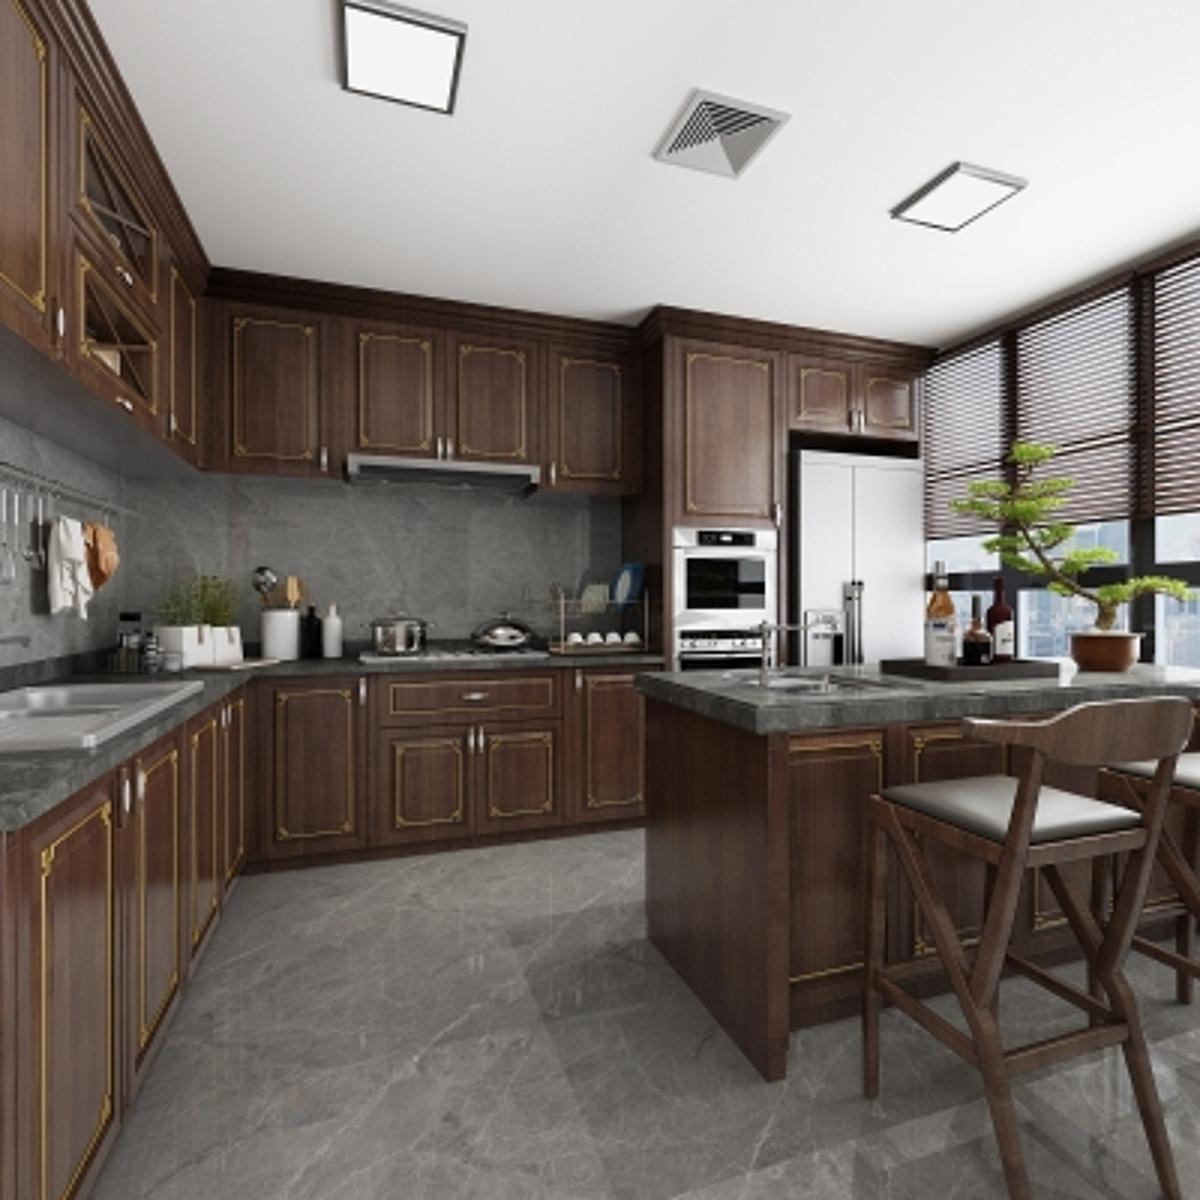 cg229新中式厨房橱柜模型